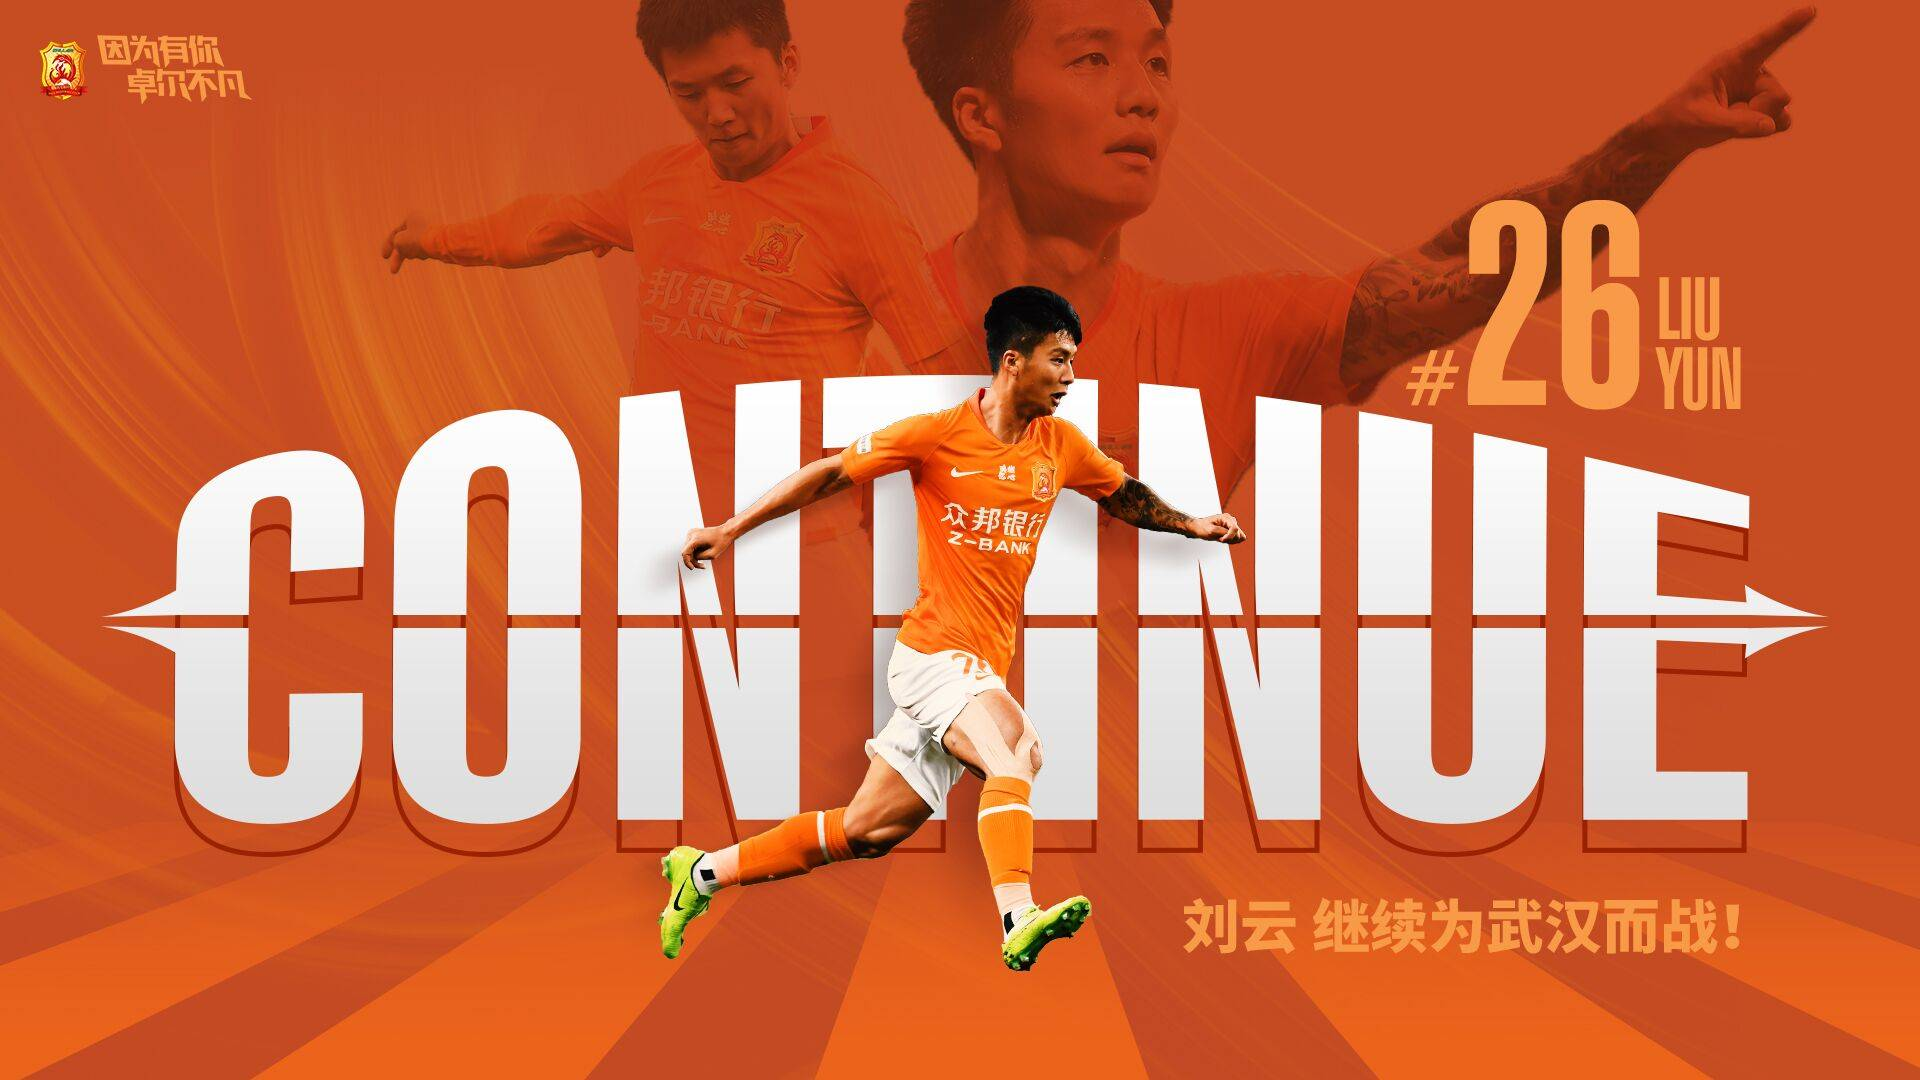 武汉卓尔官宣与刘云续约 上赛季表现出色进国足